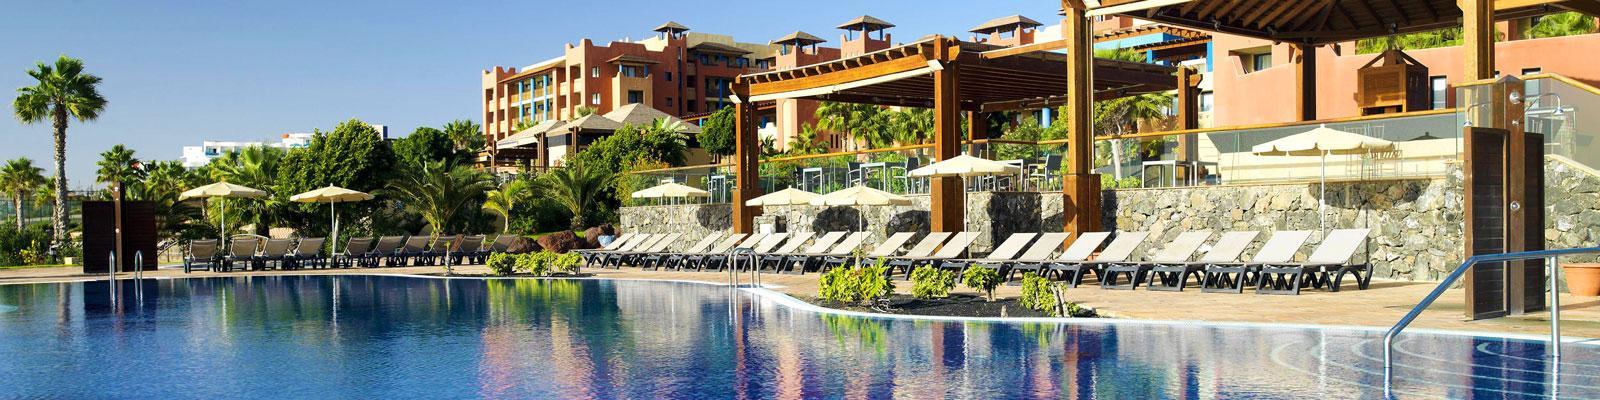 H10 Tindaya - Costa Calma Hotel